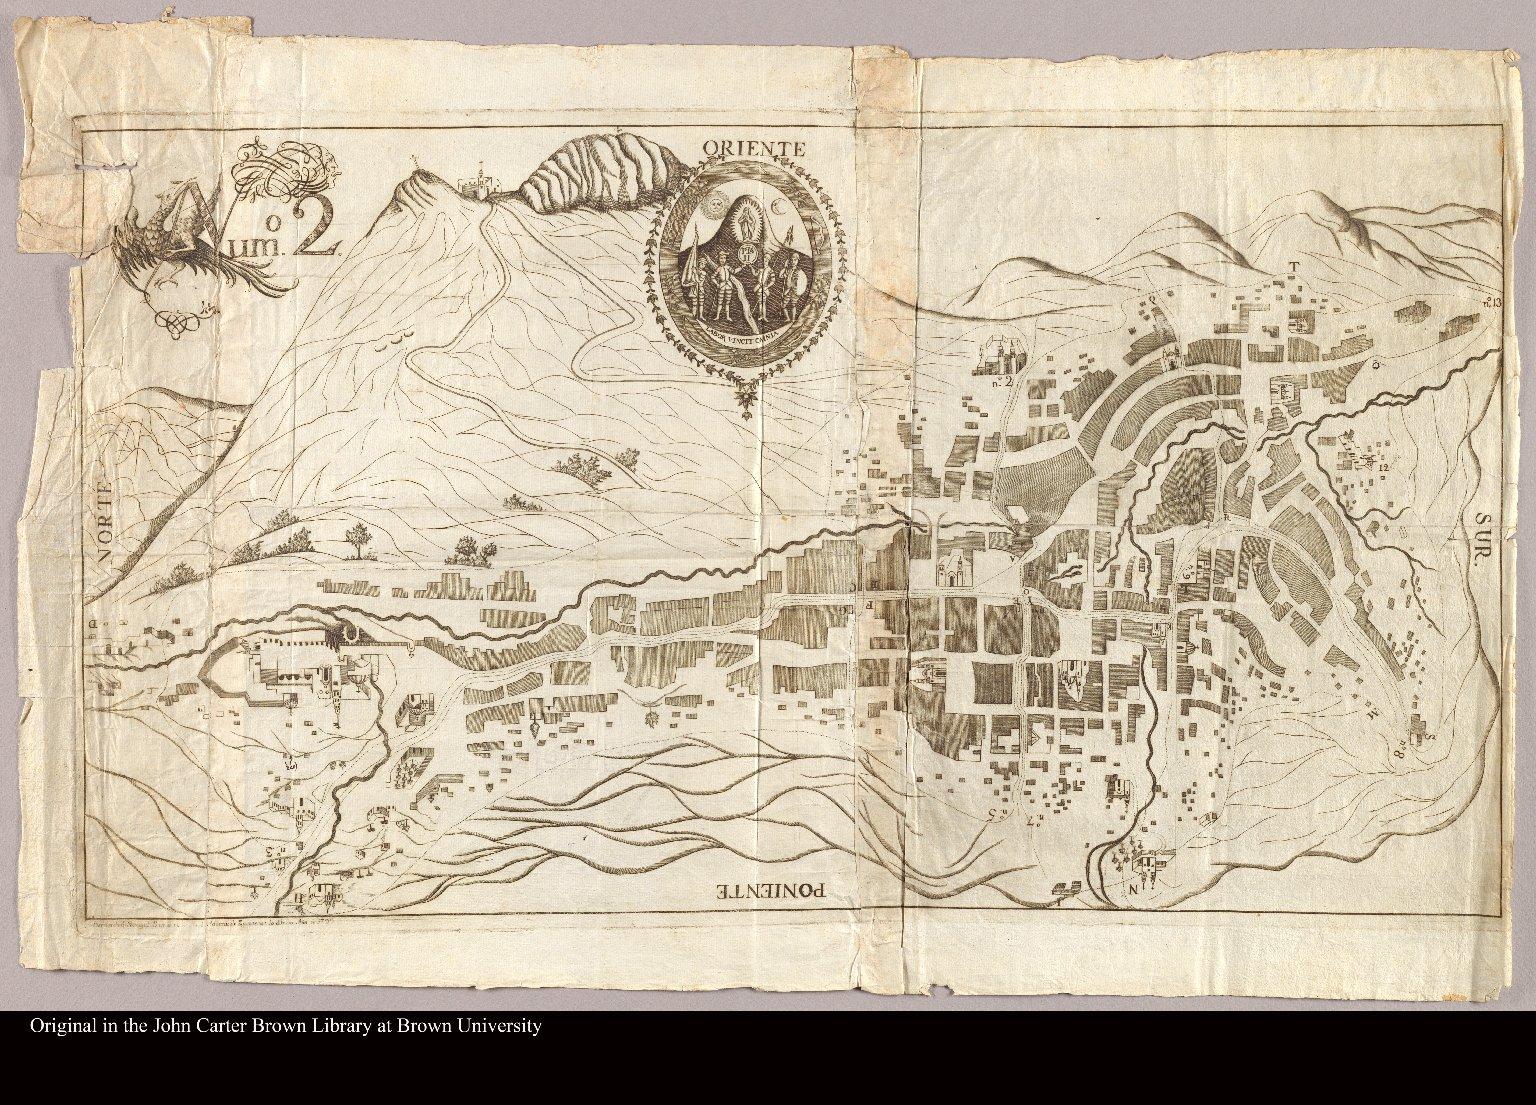 [Plan of Zacatecas]. No. 2